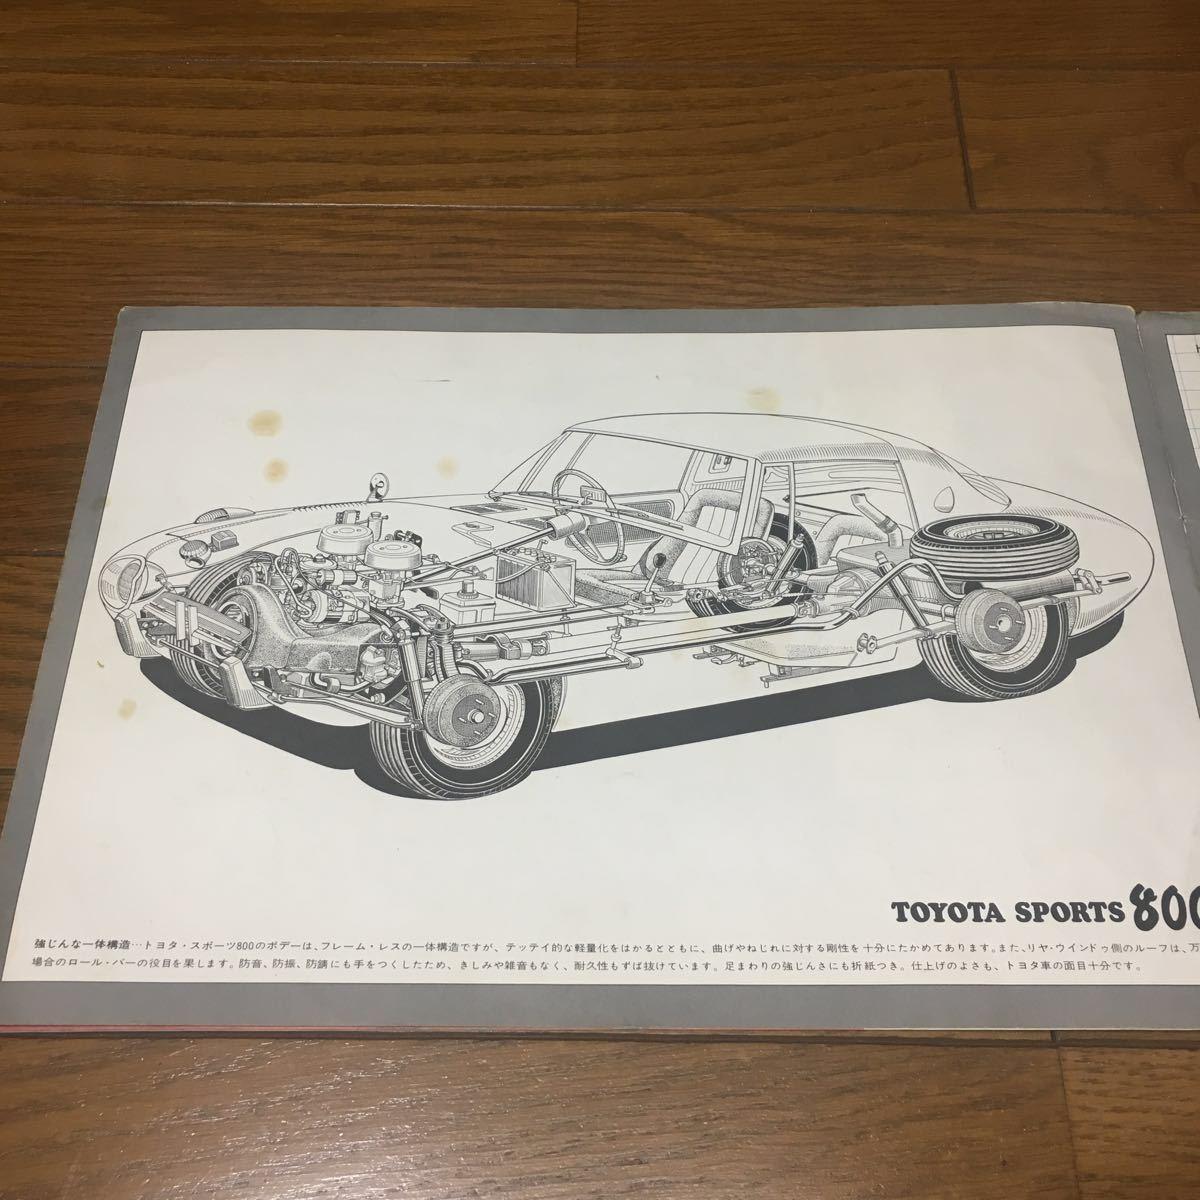 復刻版ではございません 絶版 旧車カタログ トヨタ スポーツ800 ヨタハチ 当時物 昭和 希少 貴重 美品_画像7